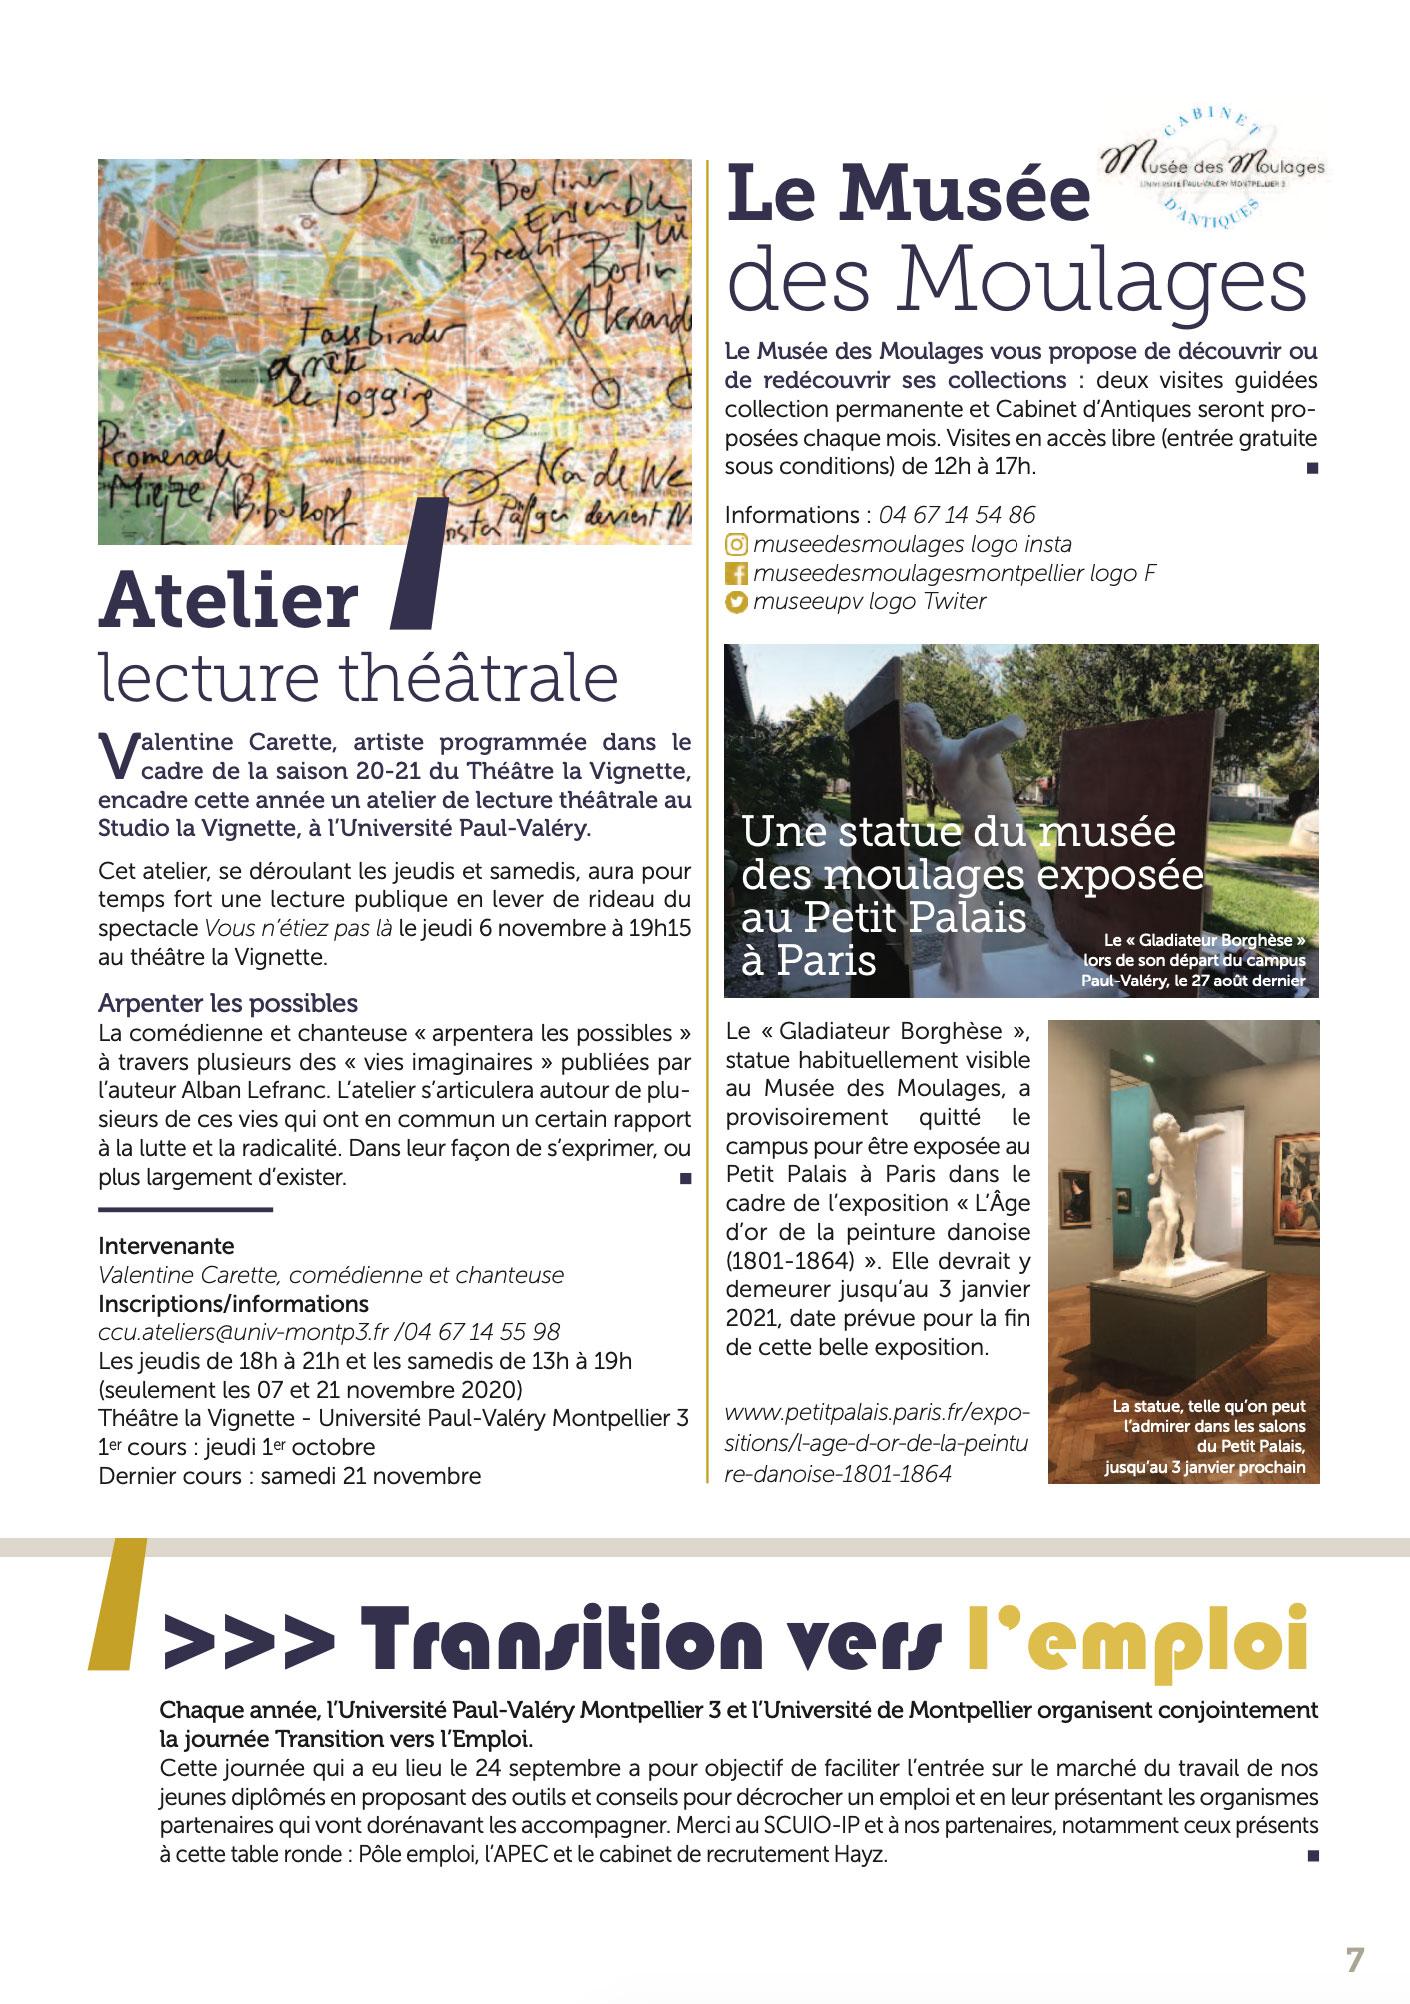 La lettre d'info du Président de l'Université Paul-Valéry Montpellier 3 page 07